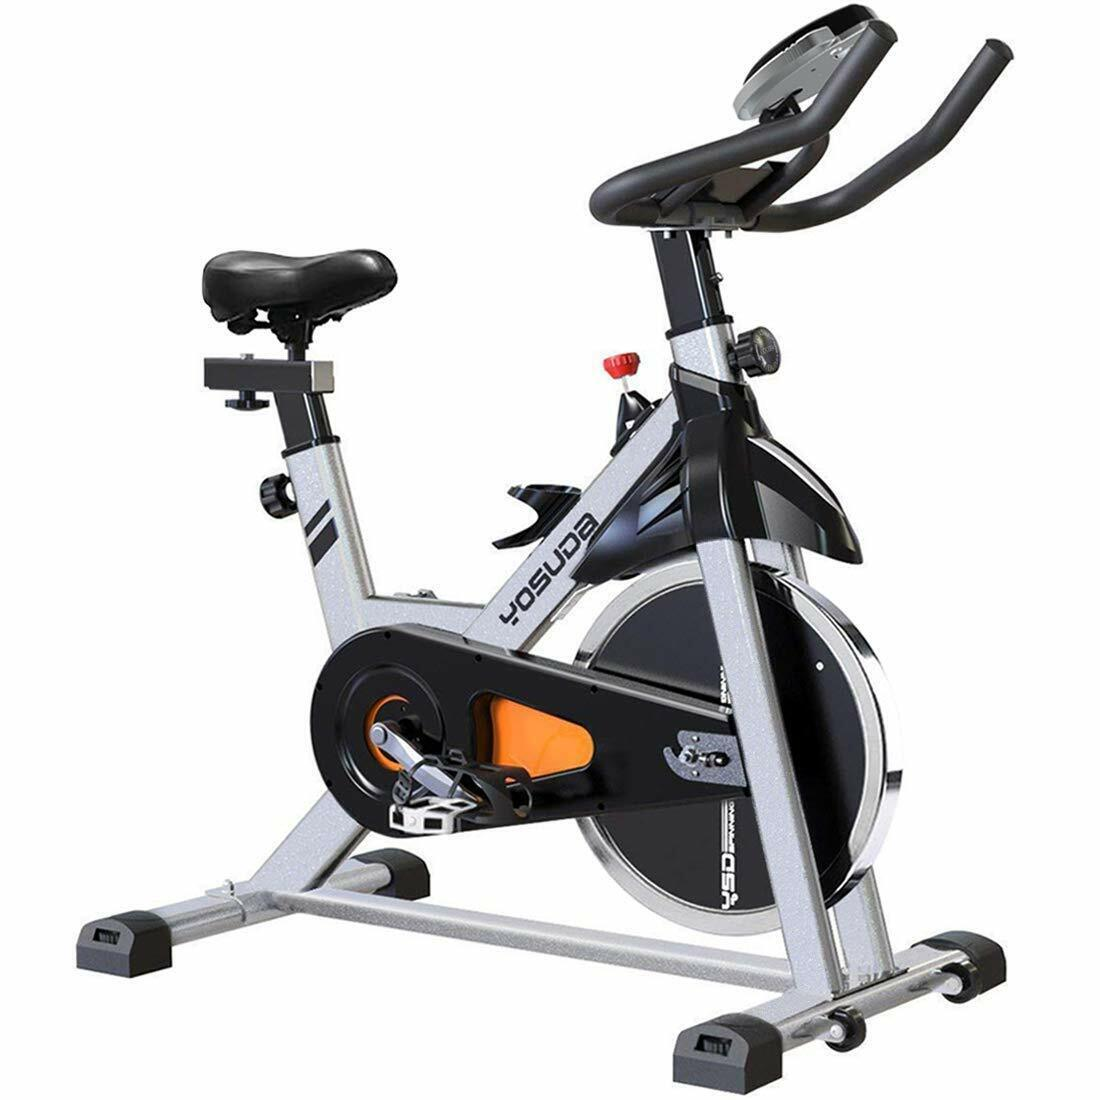 YOSUDA Cycling Exercise Bike Stationary Fitness Cardio Indoo